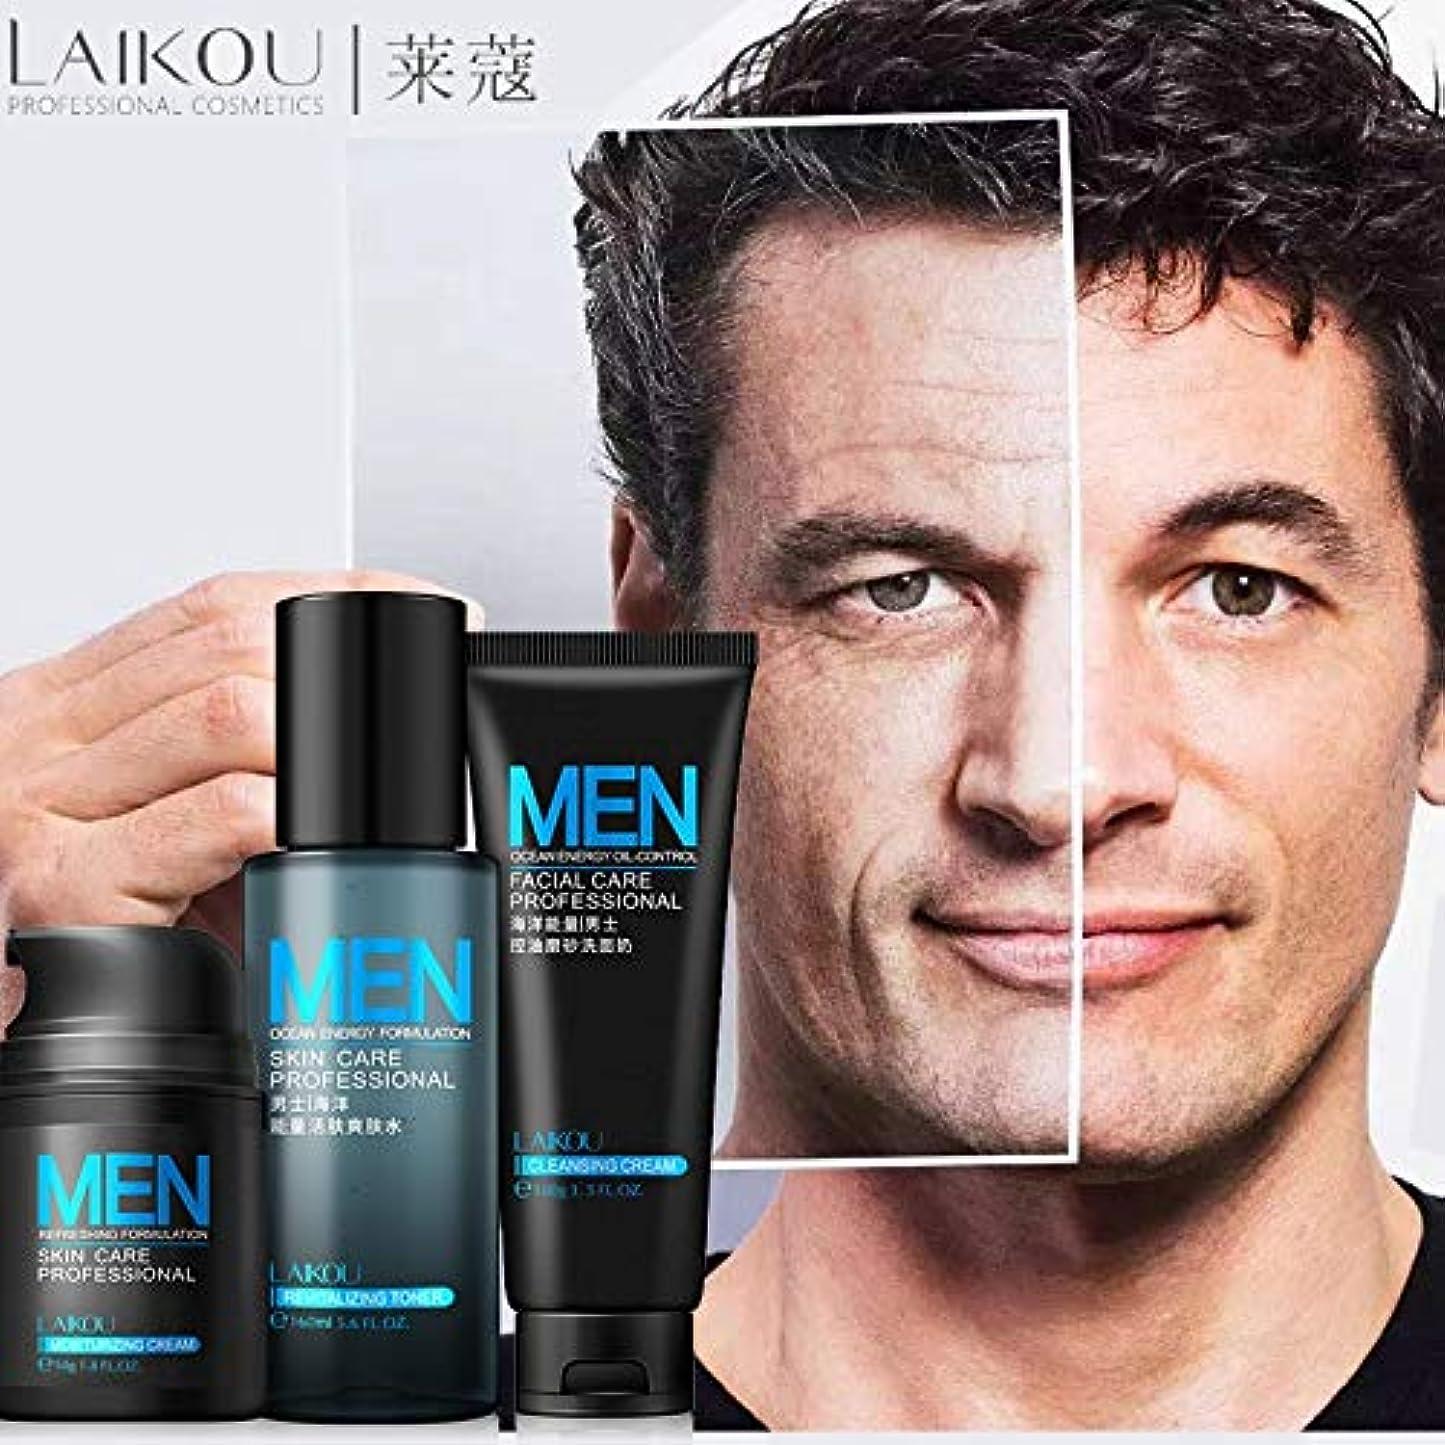 明確なささやきびっくりした男性3枚Clserトナークリーム保湿オイルコントロールの毎日のケアセット毛穴アンチリンクル男性フェイスケアを縮小